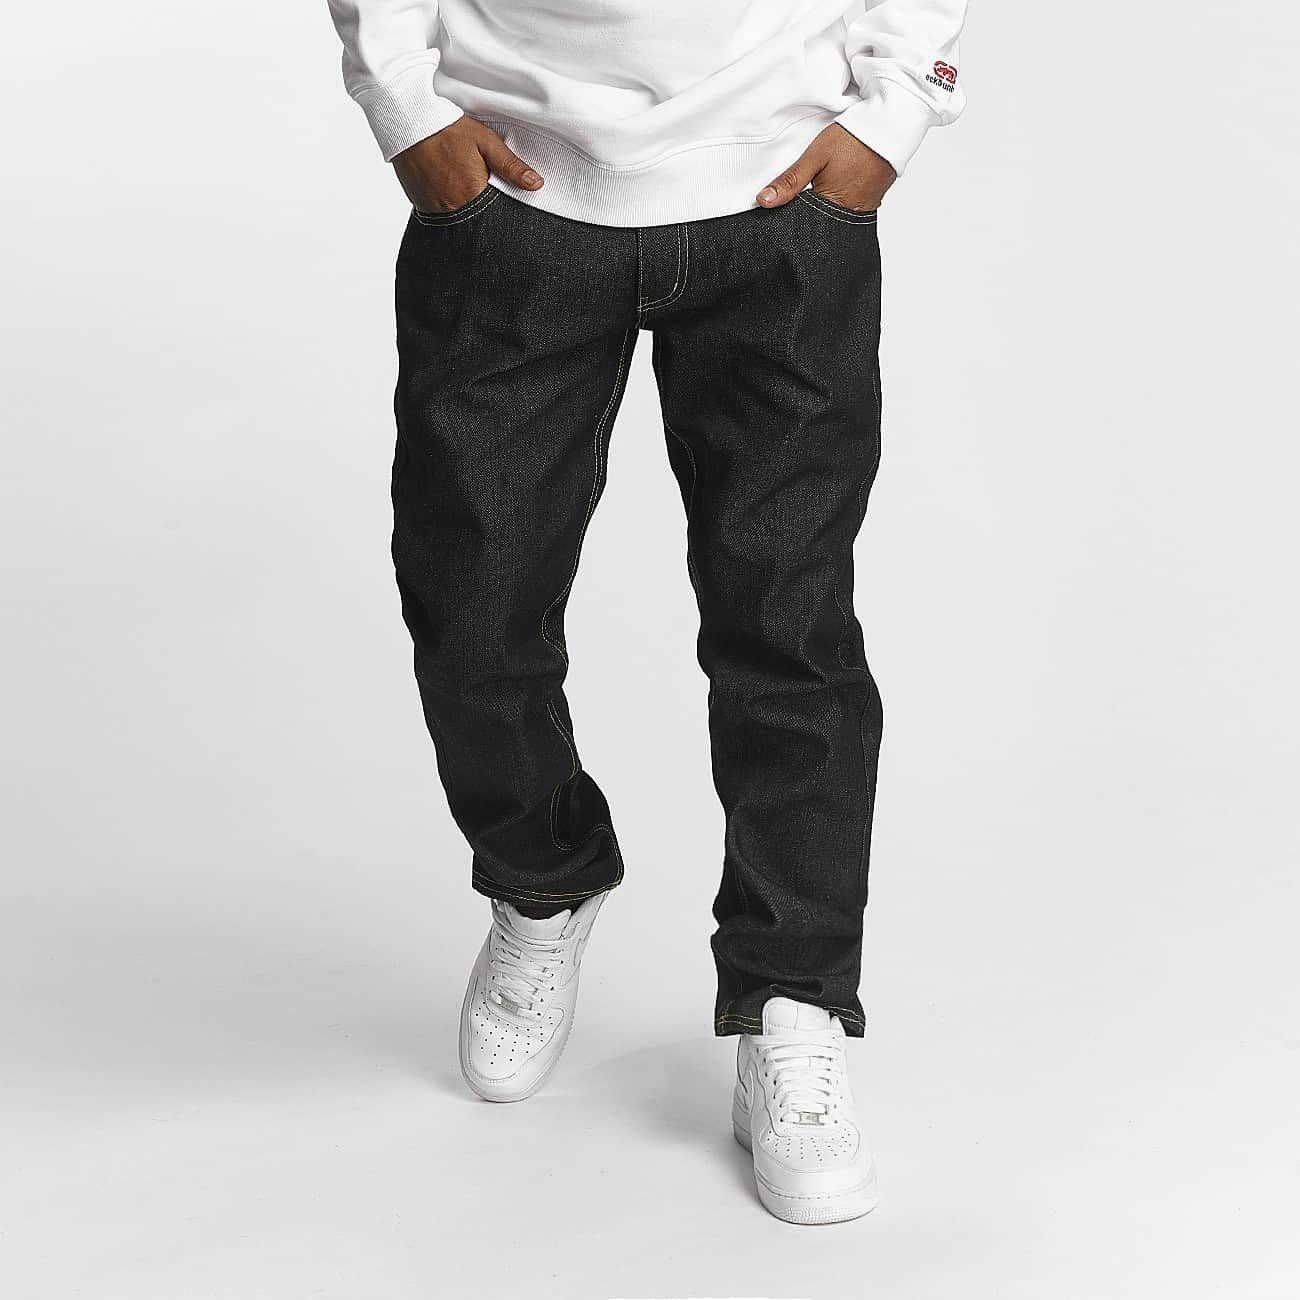 Spodnie Ecko Baggy Gordon W 34 L 32